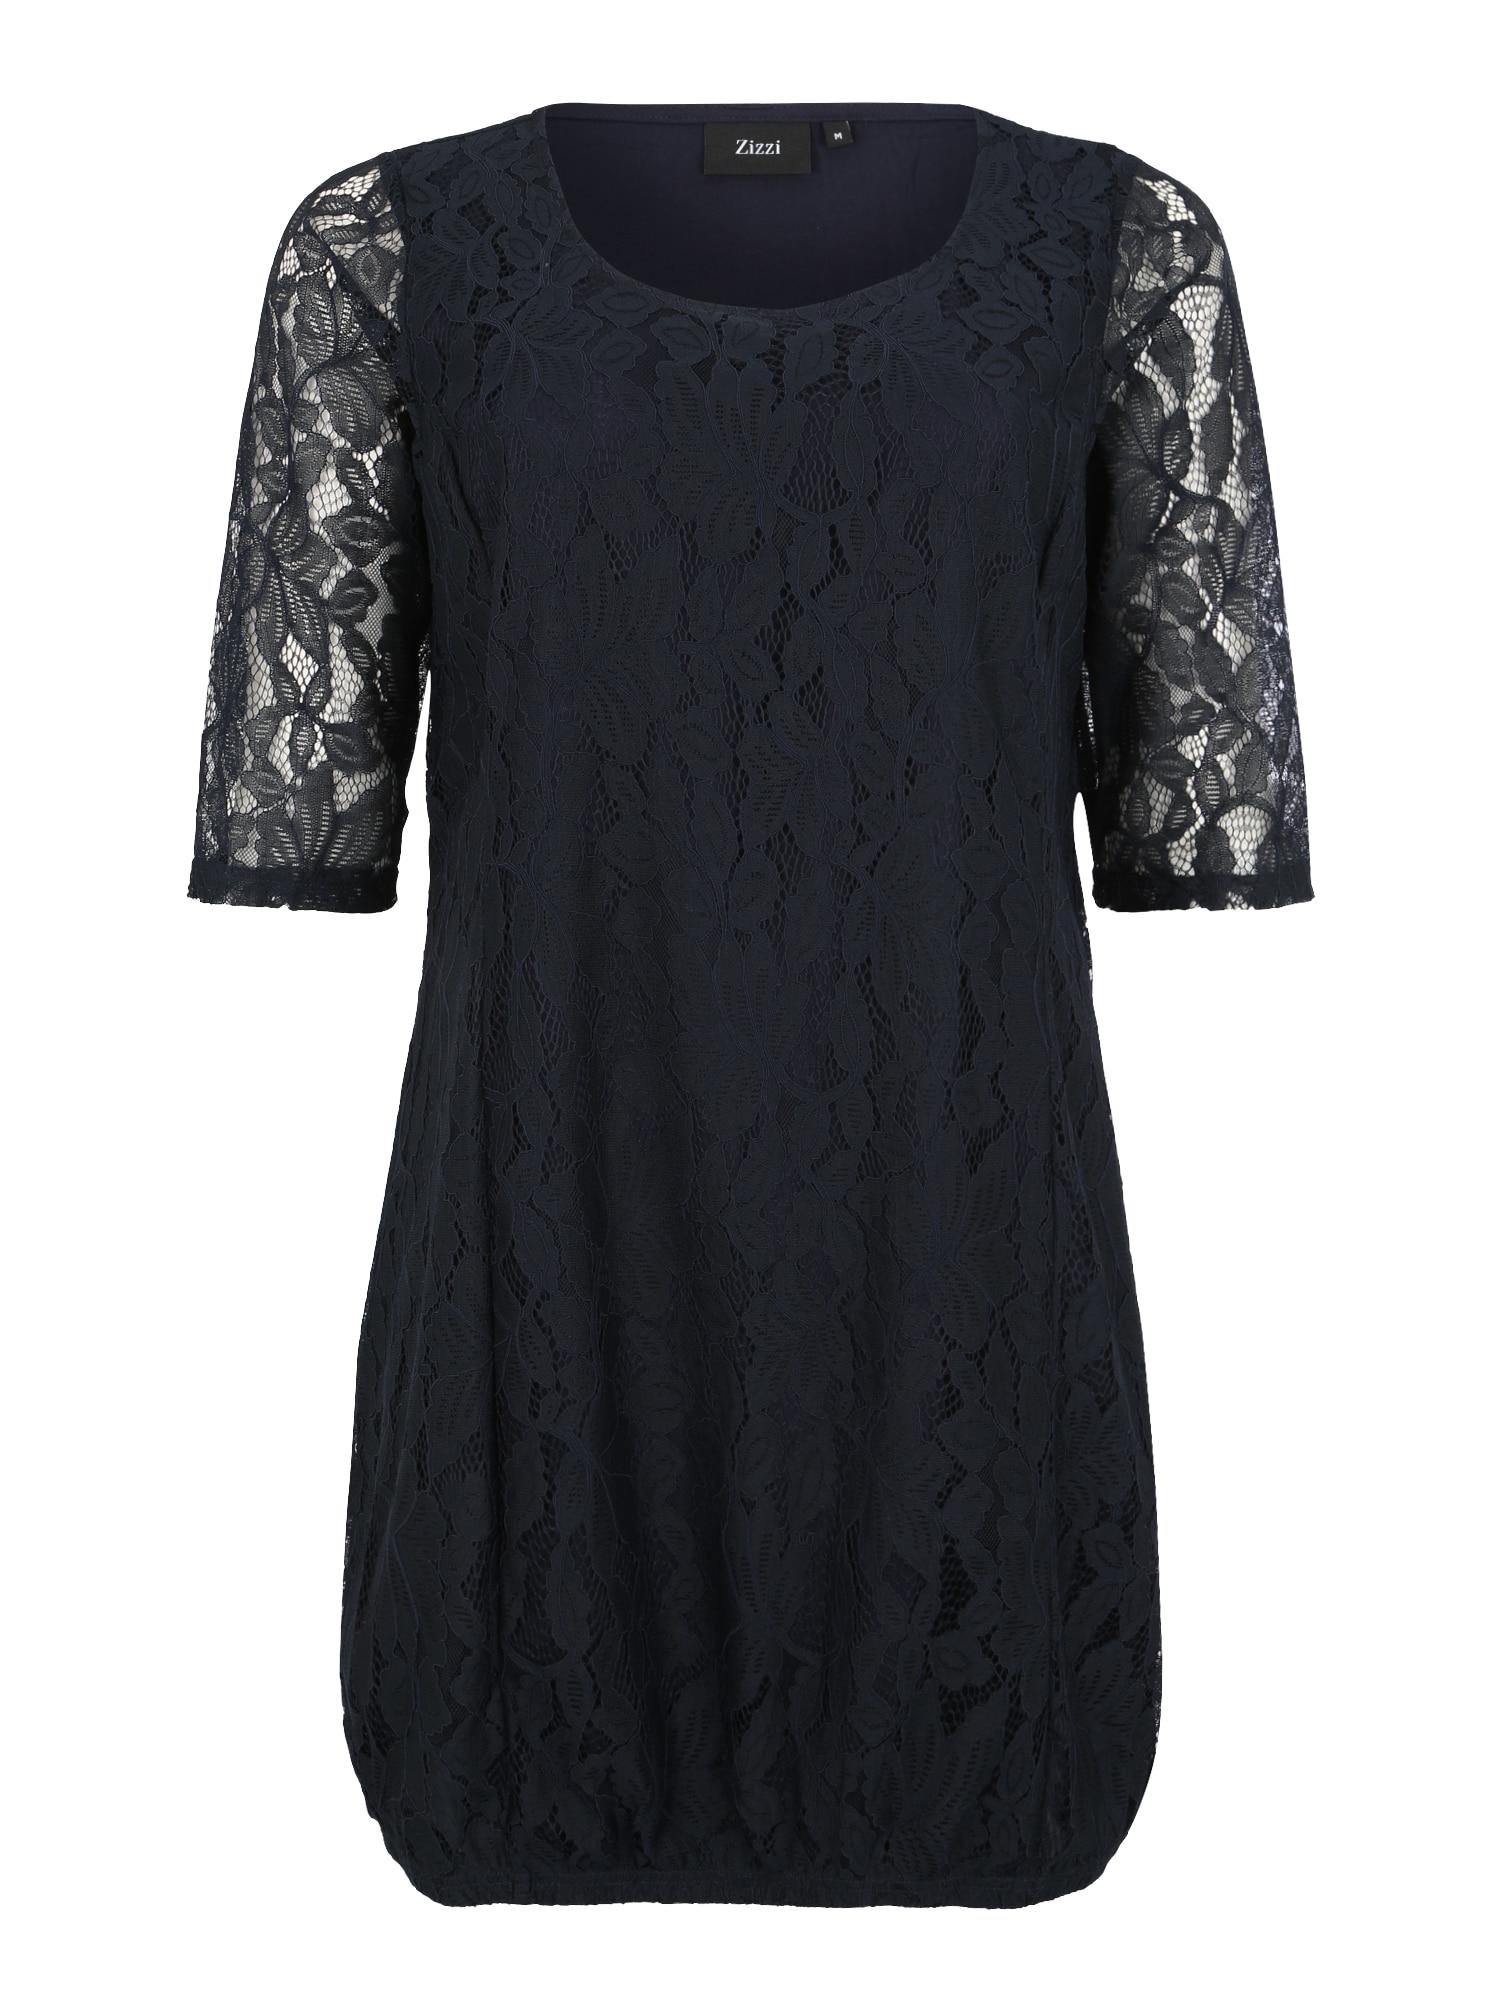 Maxi šaty XAPONI tmavě modrá Zizzi